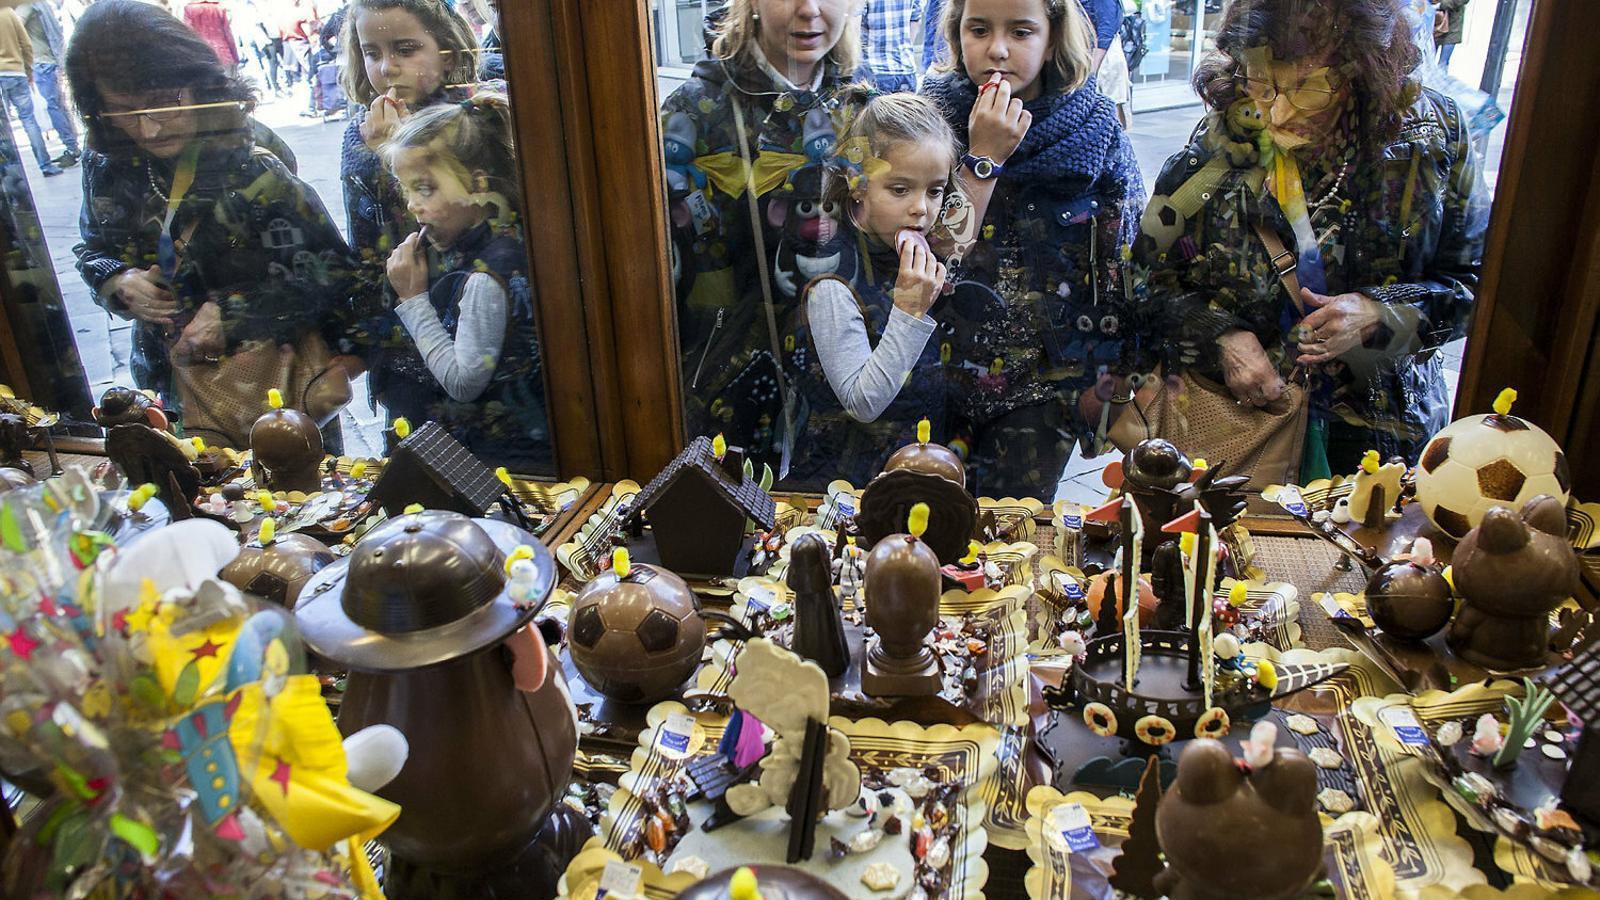 És habitual per Pasqua  mirar  Aparadors per veure mones. A la imatge, la pastisseria  Colmena, a Barcelona.